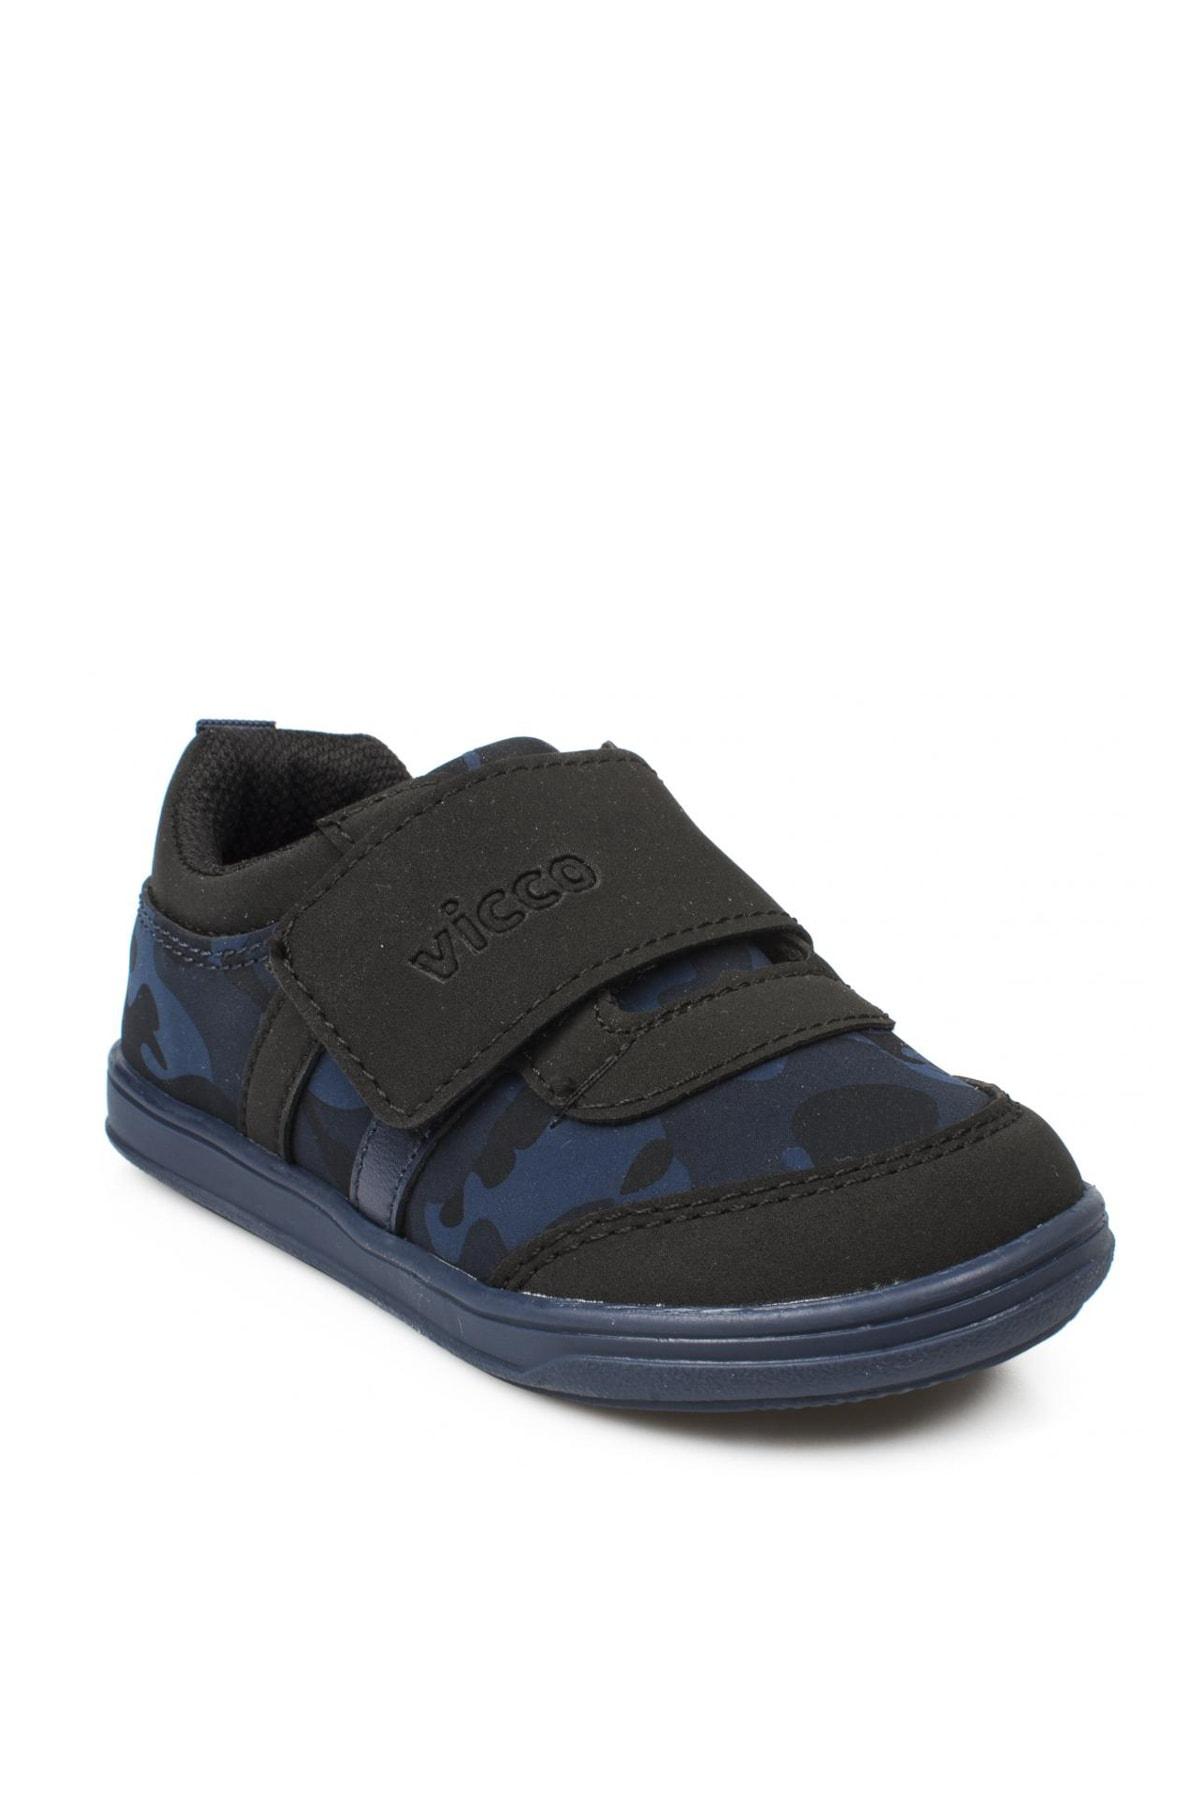 Vicco Lacivert Kız Bebek Yürüyüş Ayakkabısı 211 950.E19K223 1